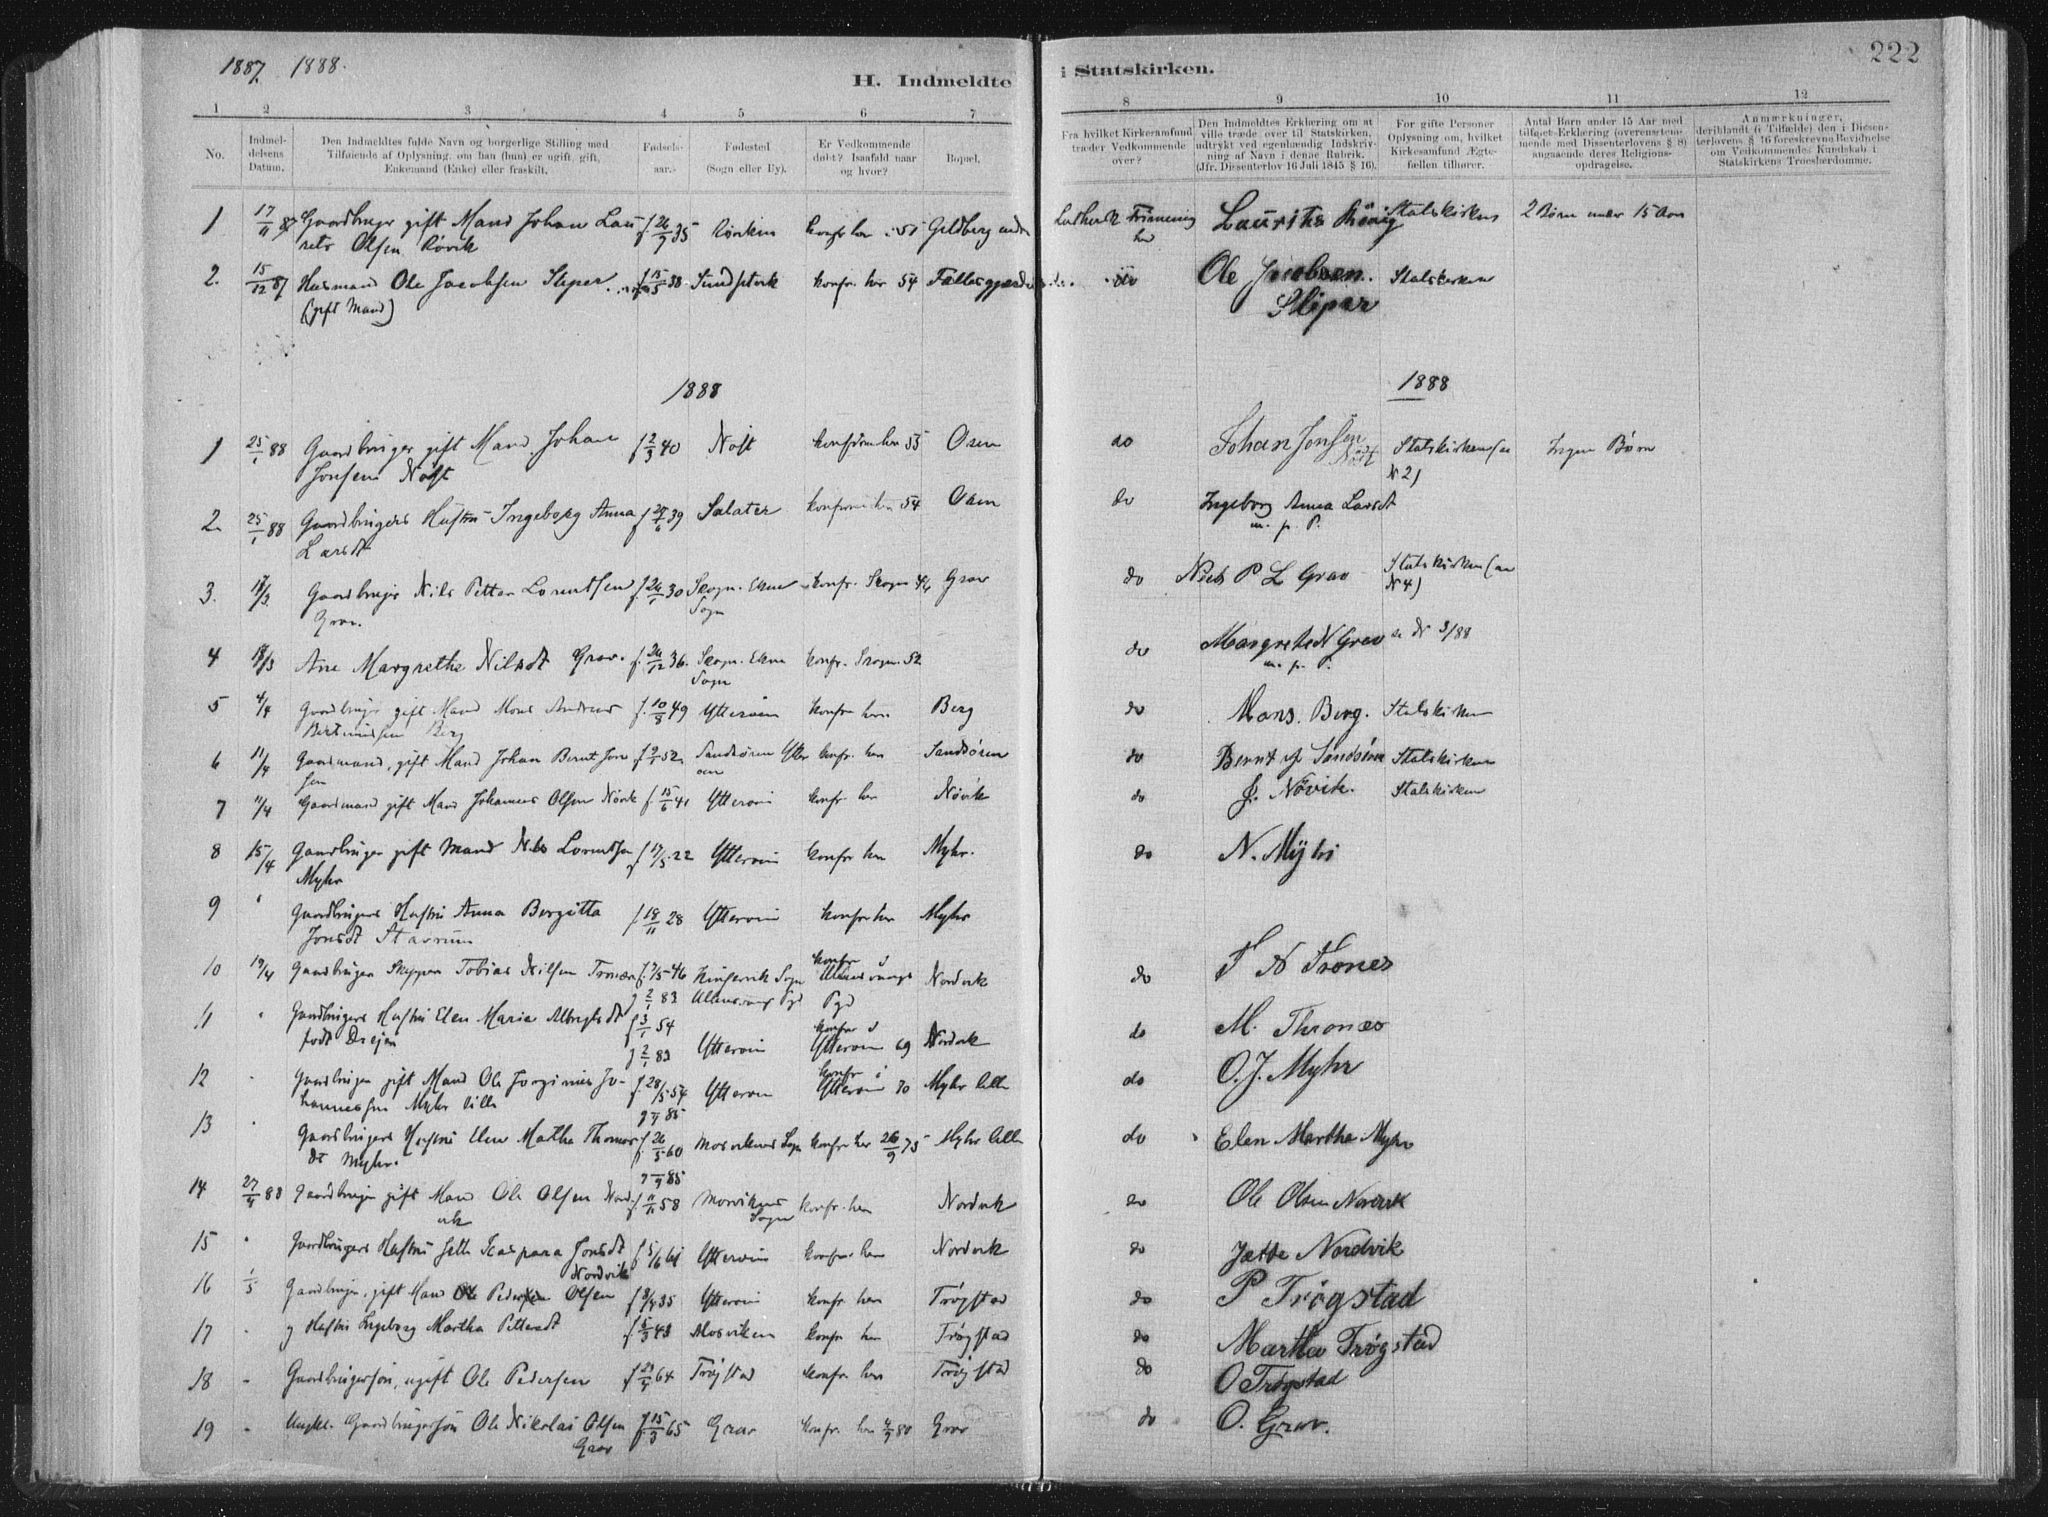 SAT, Ministerialprotokoller, klokkerbøker og fødselsregistre - Nord-Trøndelag, 722/L0220: Ministerialbok nr. 722A07, 1881-1908, s. 222